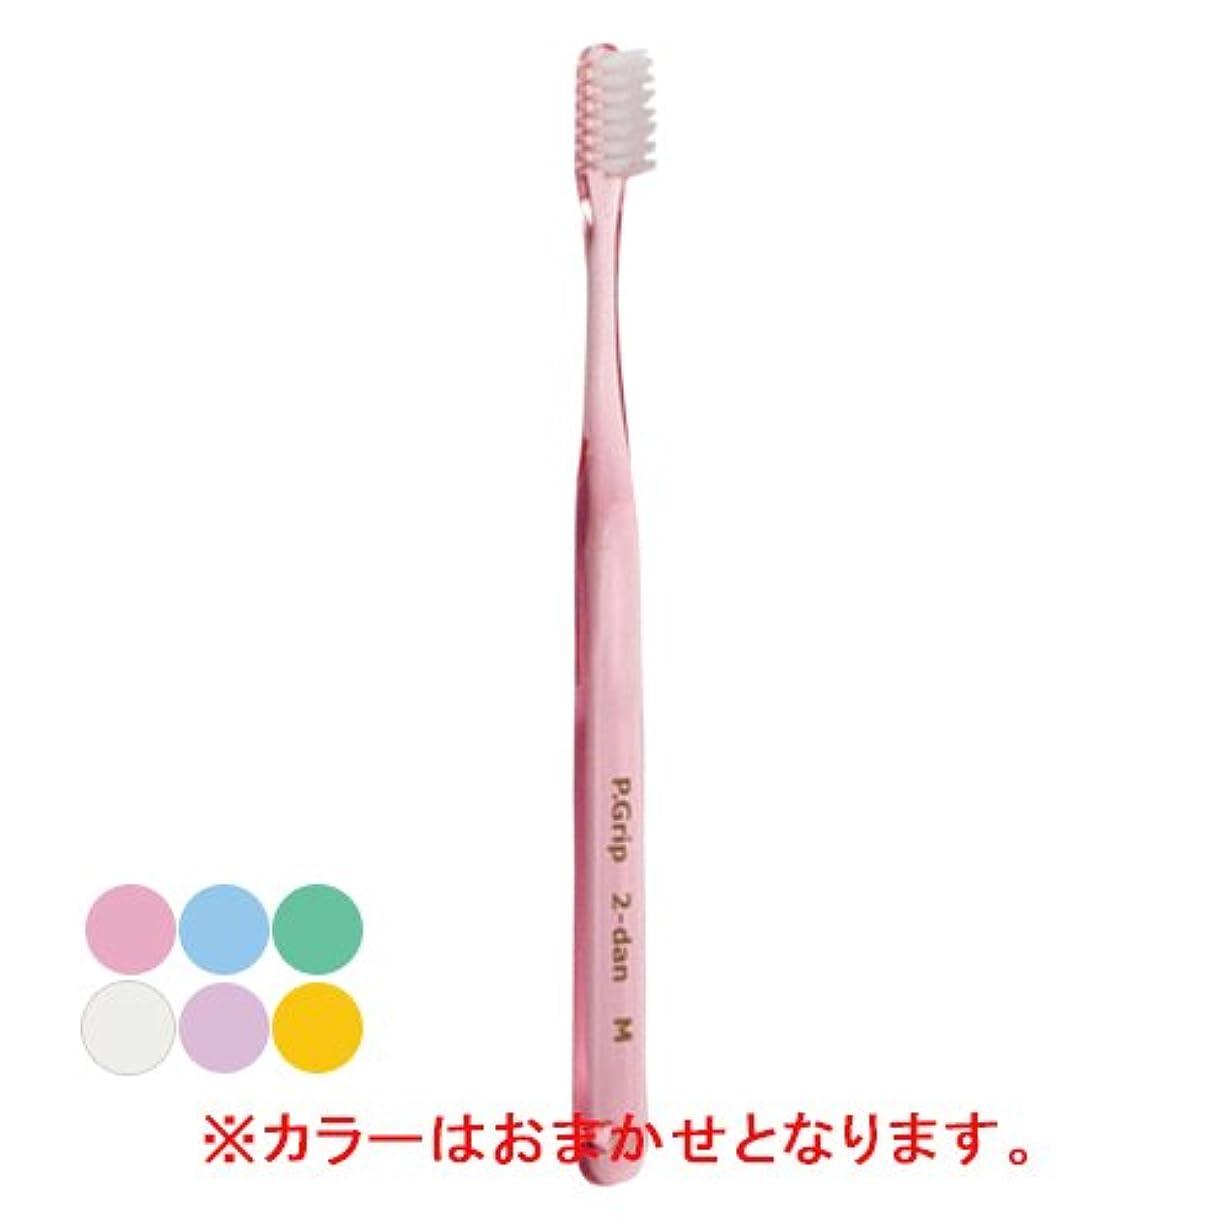 シャックル輪郭猛烈なP.D.R.(ピーディーアール) P.Grip(ピーグリップ)歯ブラシ 二段植毛タイプ ミディアム(ふつう) 1本